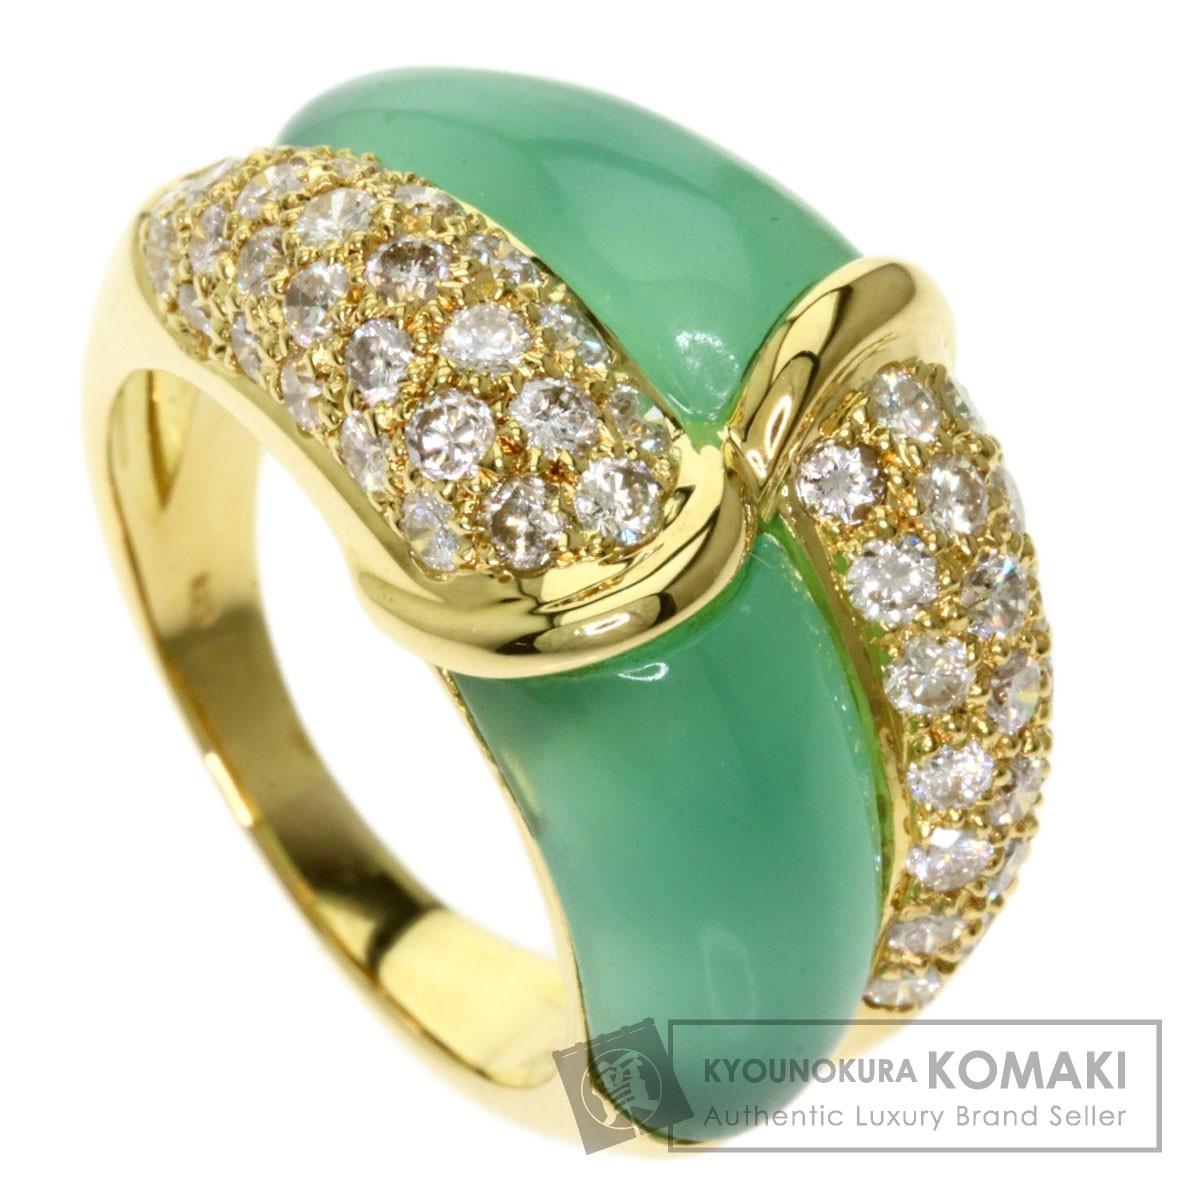 1.43ct クリソプレーズ ダイヤモンド リング・指輪 K18イエローゴールド 11.2g レディース 【中古】